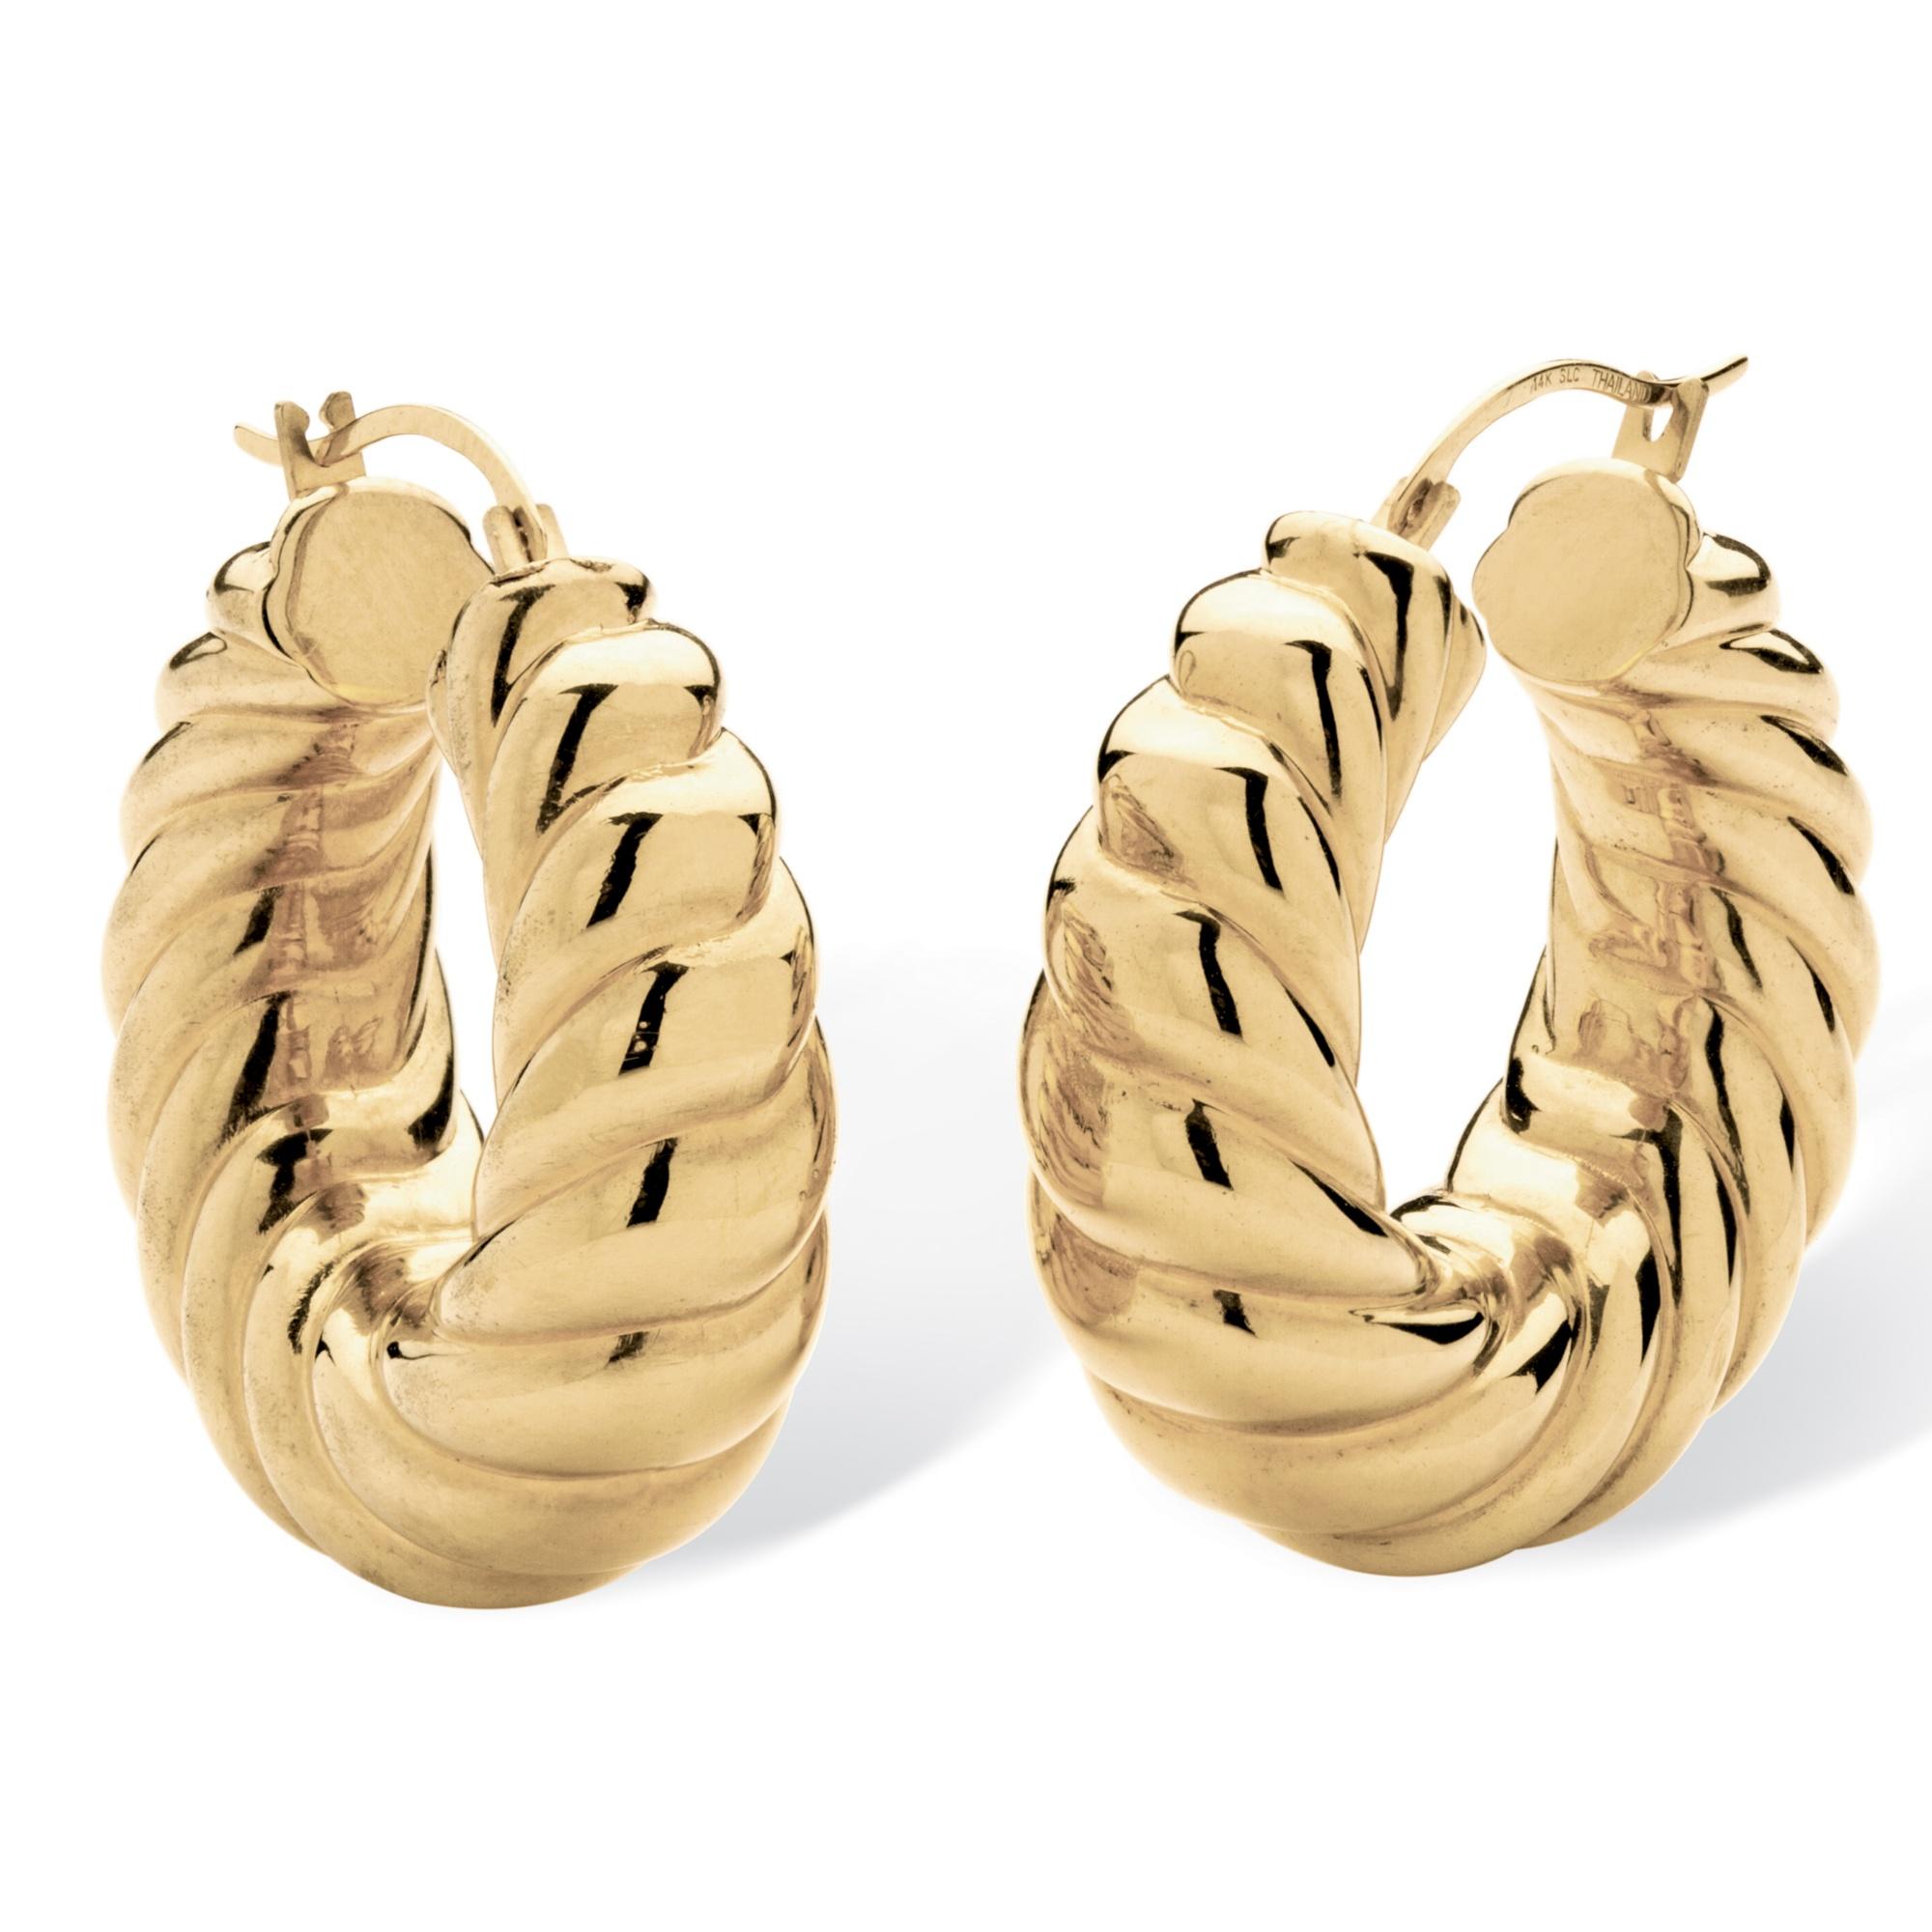 14k Gold Shrimp Style Hoop Earrings Nano Diamond Resin Filled 1 1 4